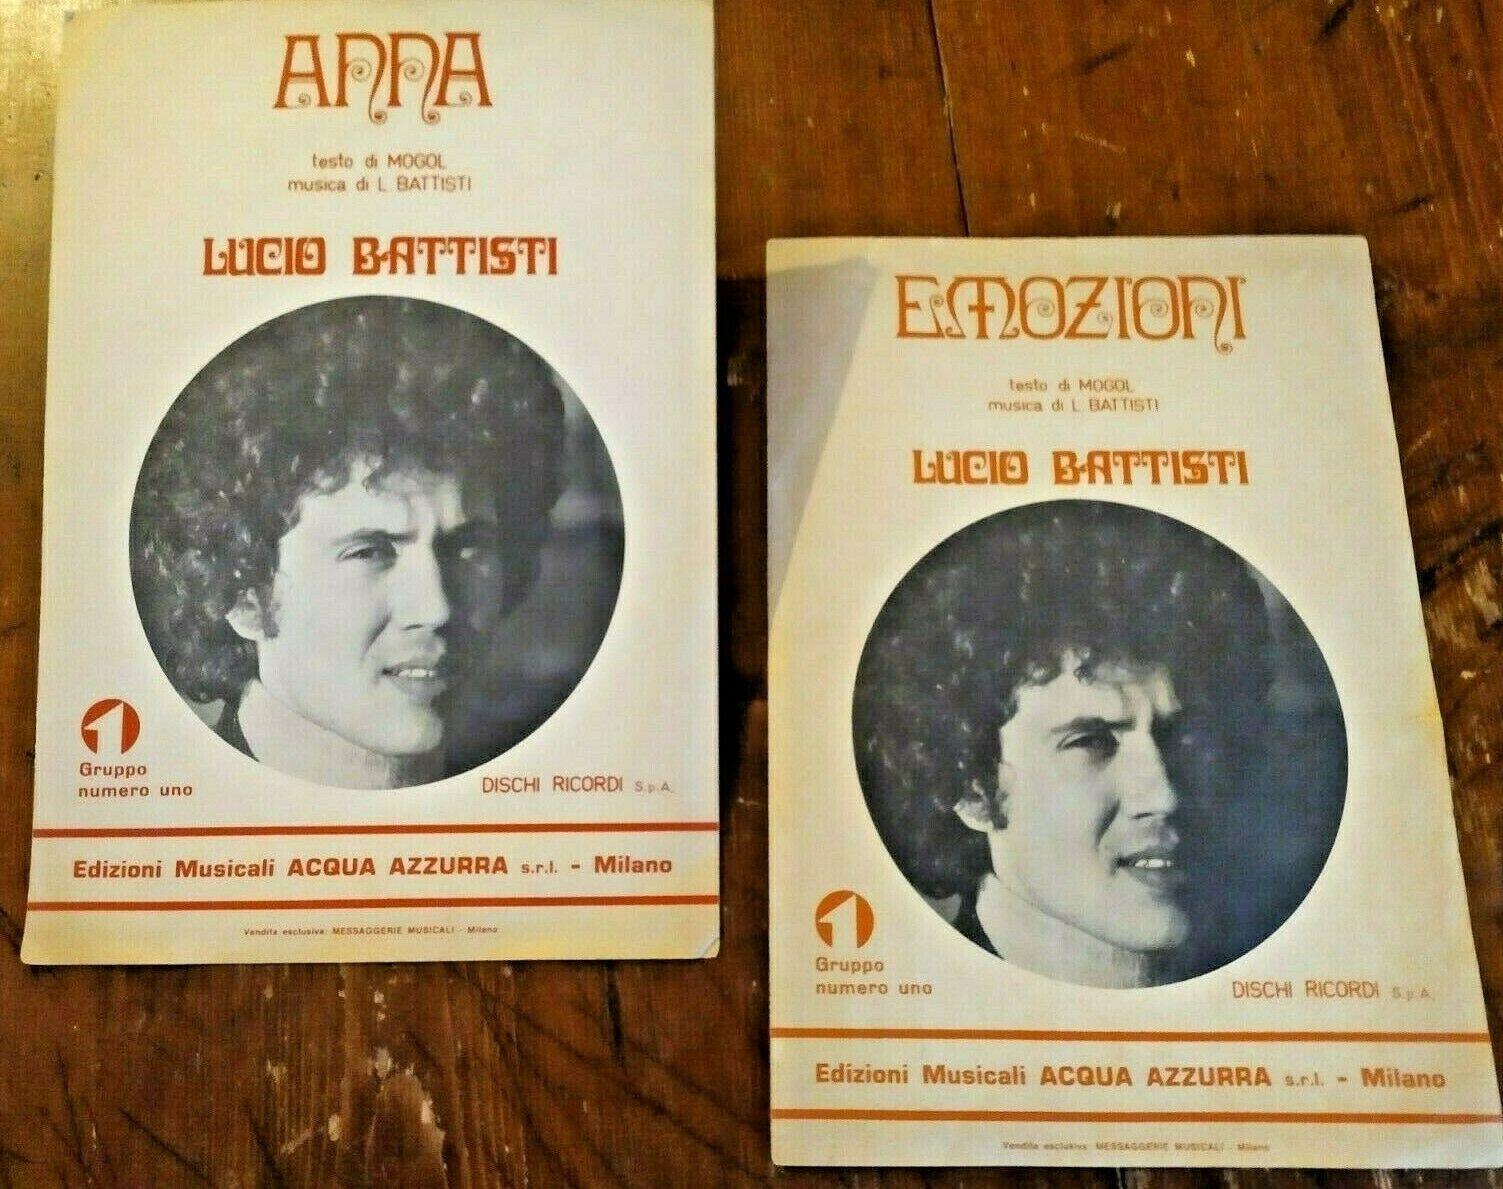 Spartiti originali di Lucio Battisti e Mogol su eBay